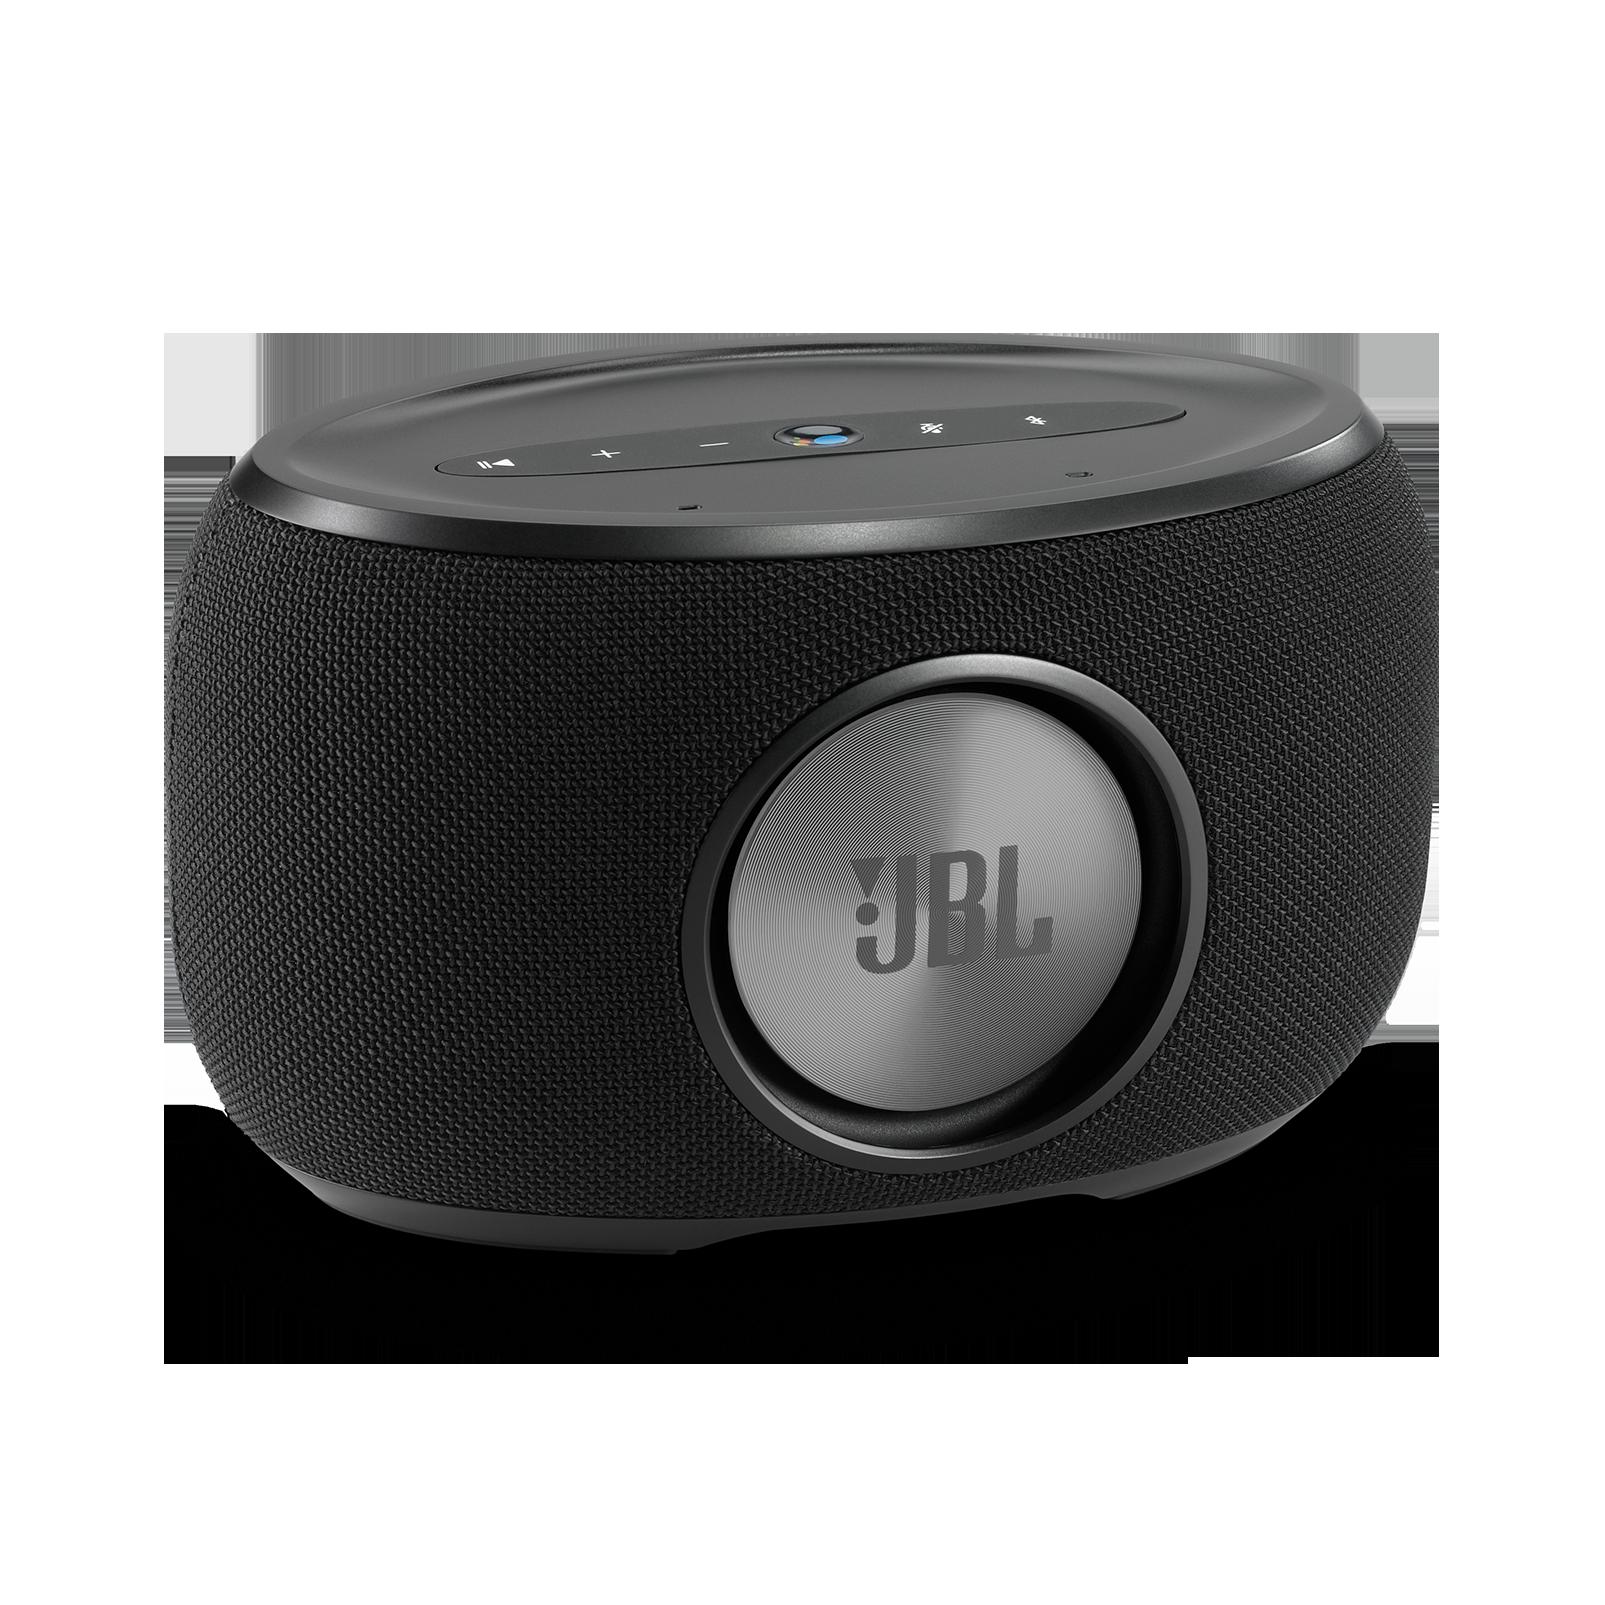 JBL Link 300 - Black - Voice-activated speaker - Back